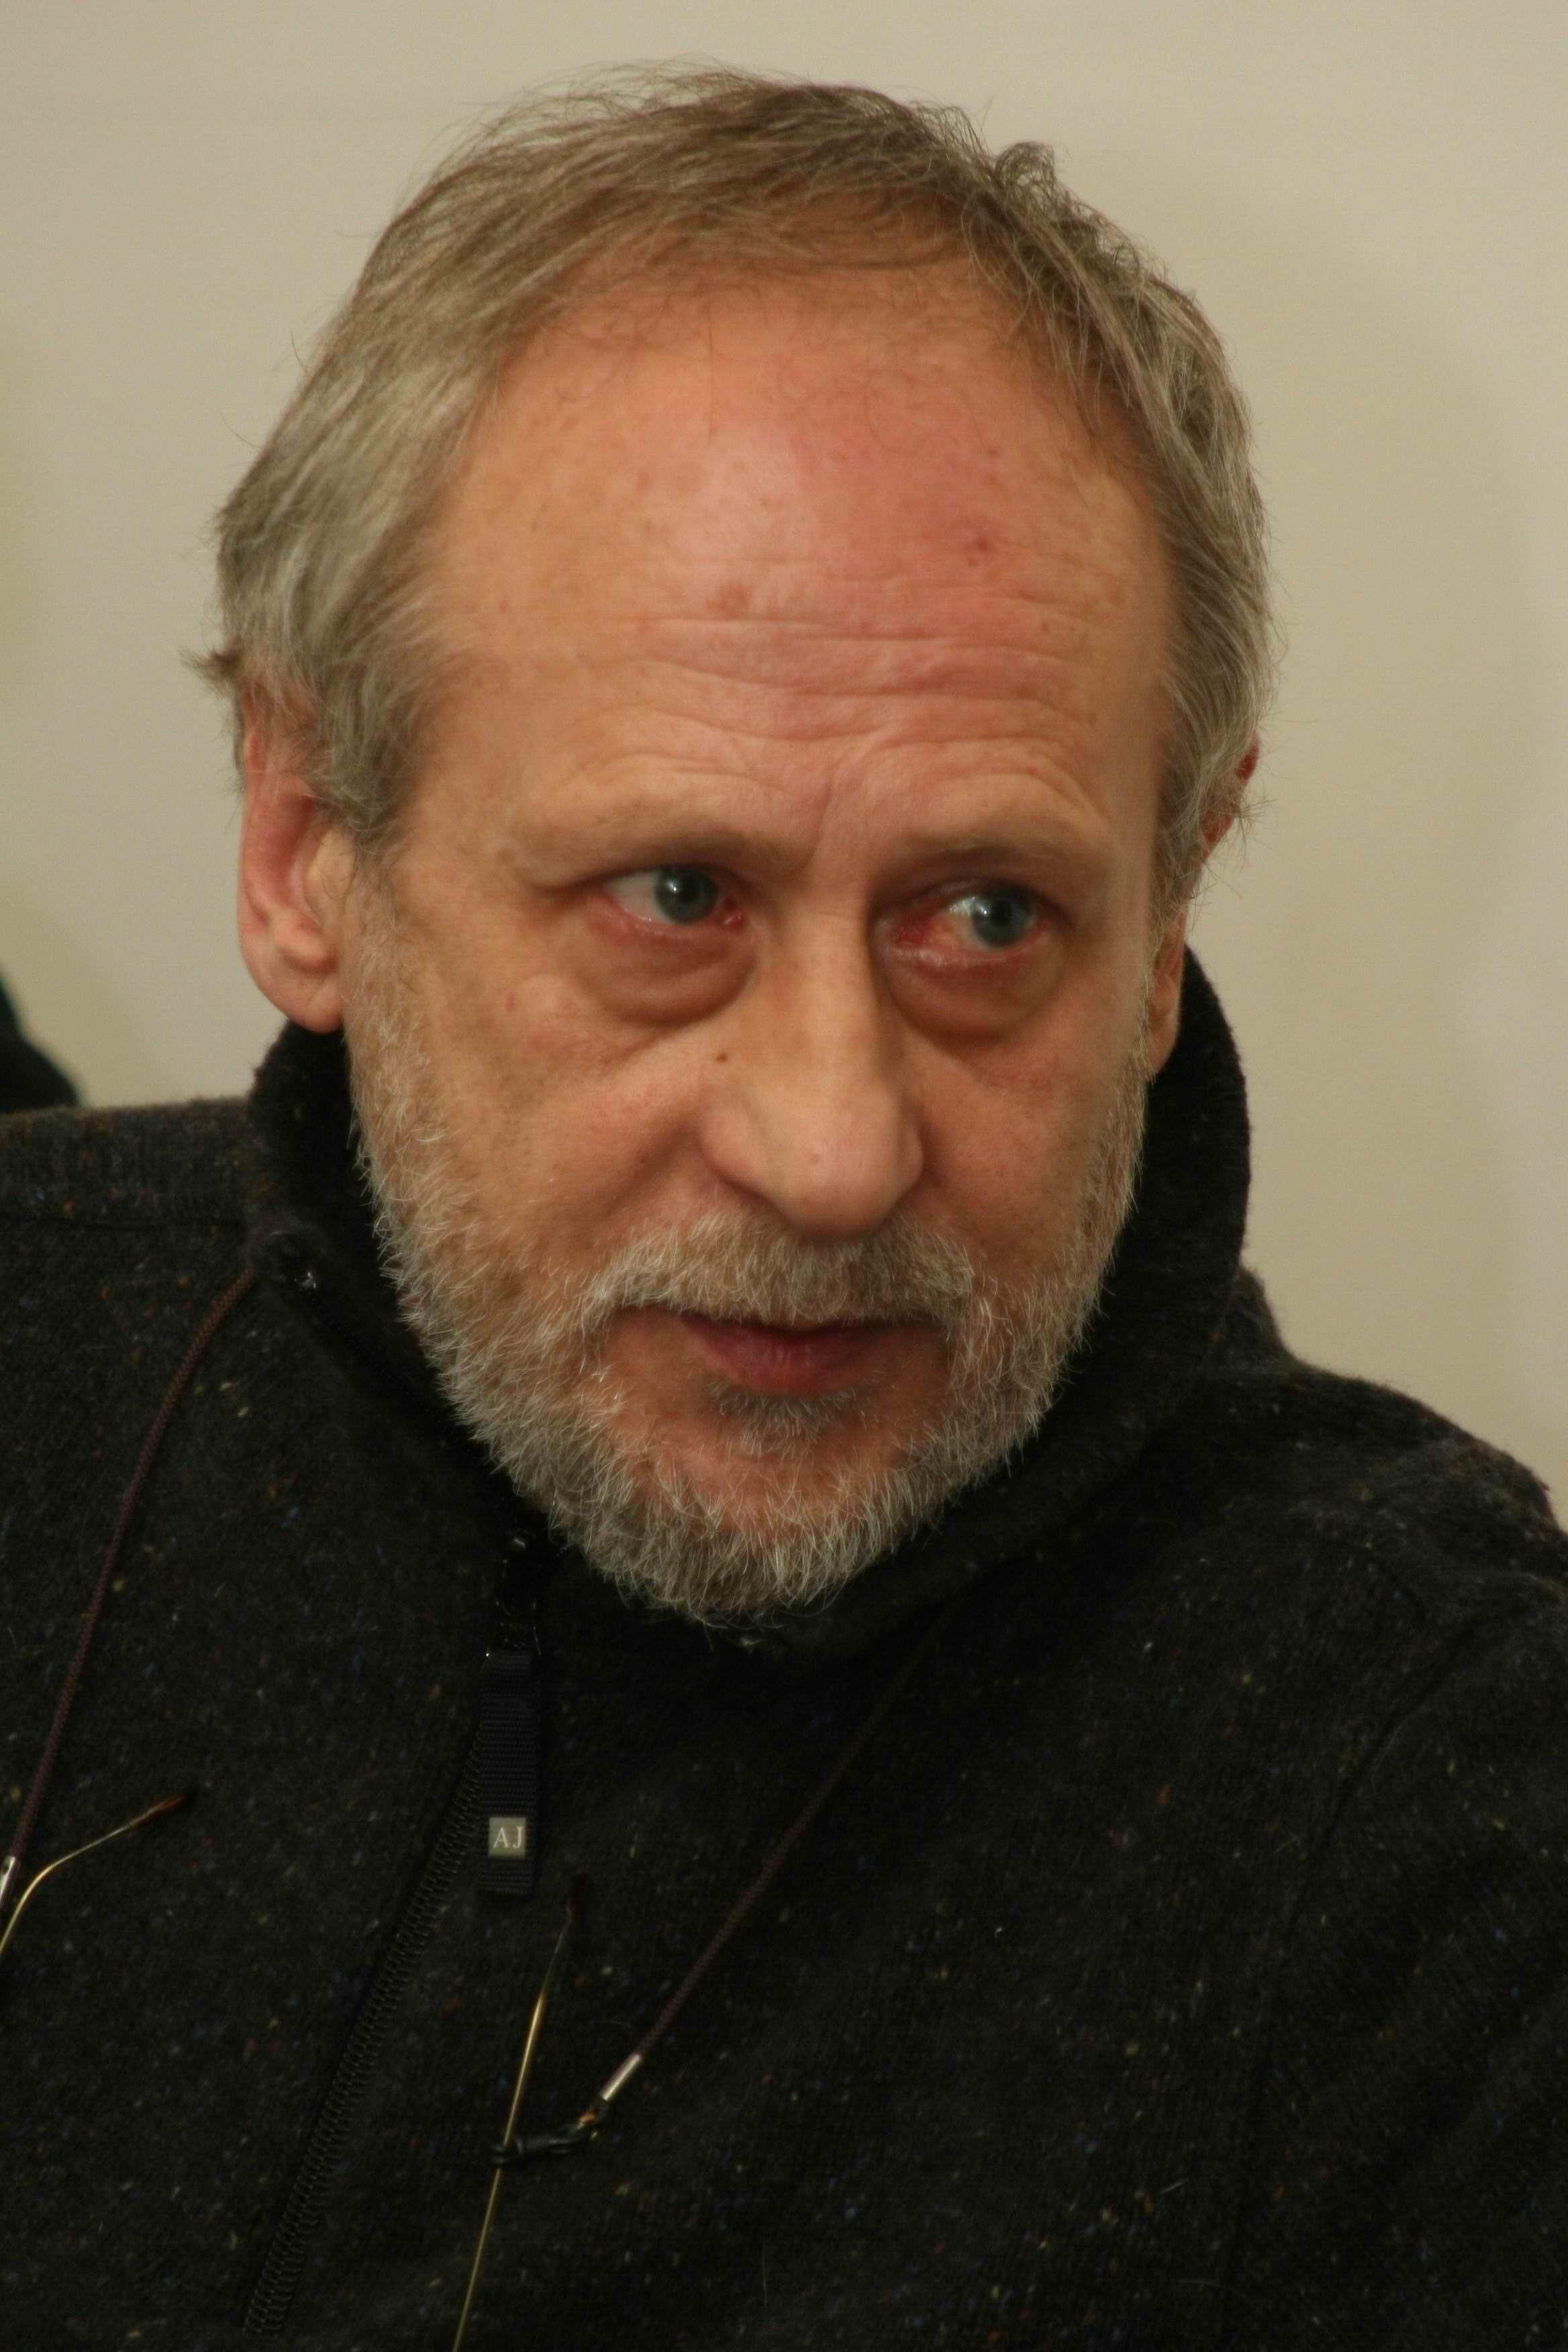 Alexandru Colpacci